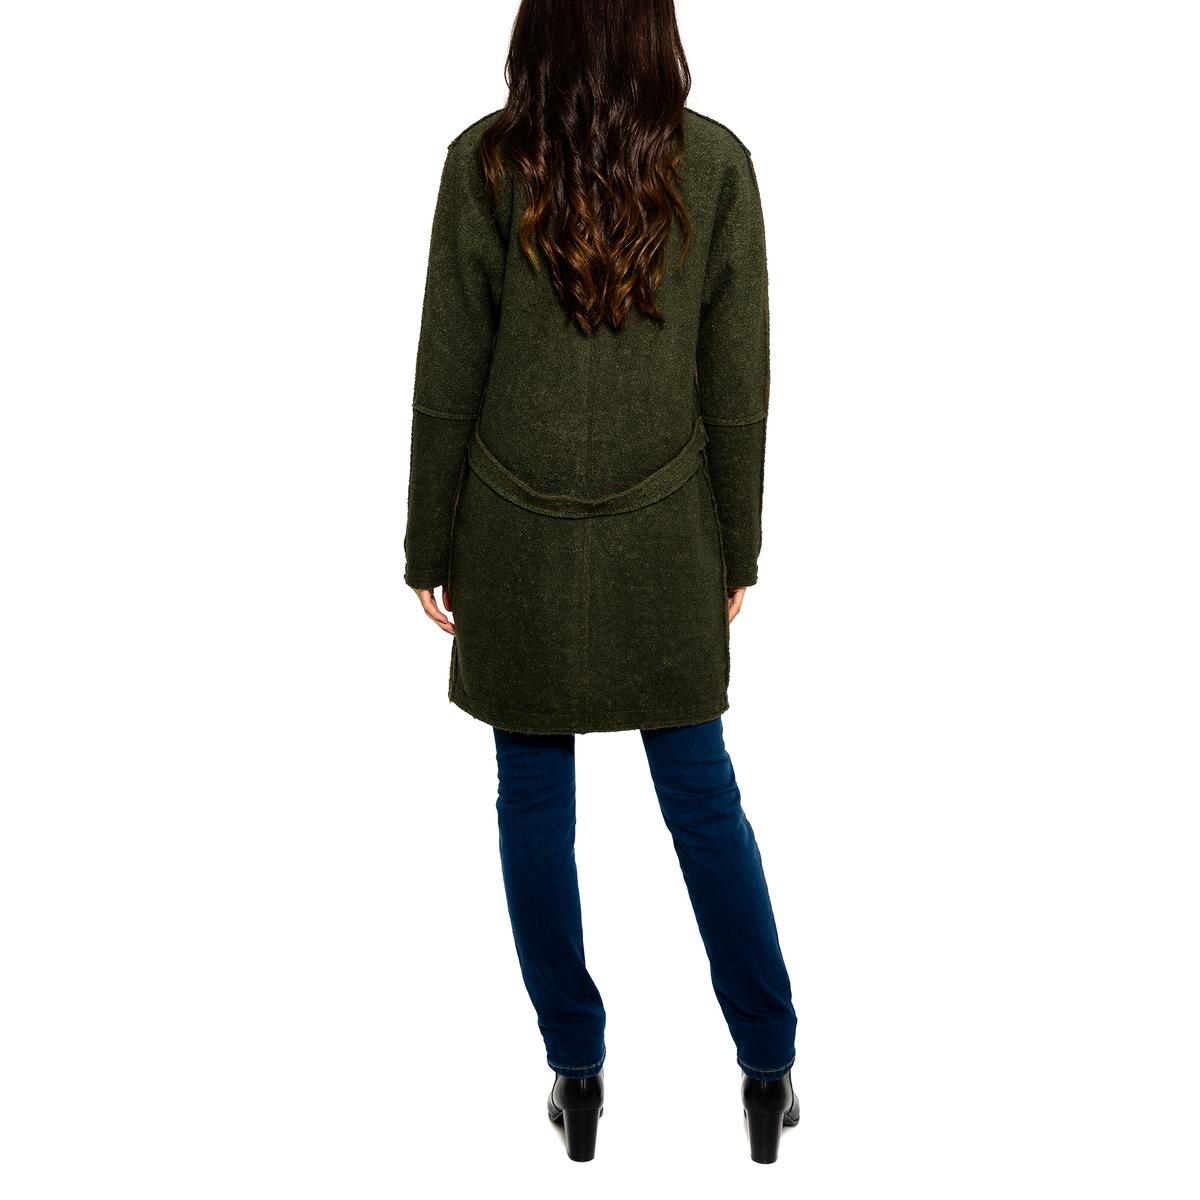 Пальто с  V-образным вырезомПальто PARAMITA. V-образный вырез. Длинные рукава. Застежка на 1 пуговицу. 2 кармана.              Состав и описание       Материал         50% шерсти, 50% полиэстера  Подкладка: 100% полиэстера       Марка: PARAMITA.<br><br>Цвет: хаки<br>Размер: L